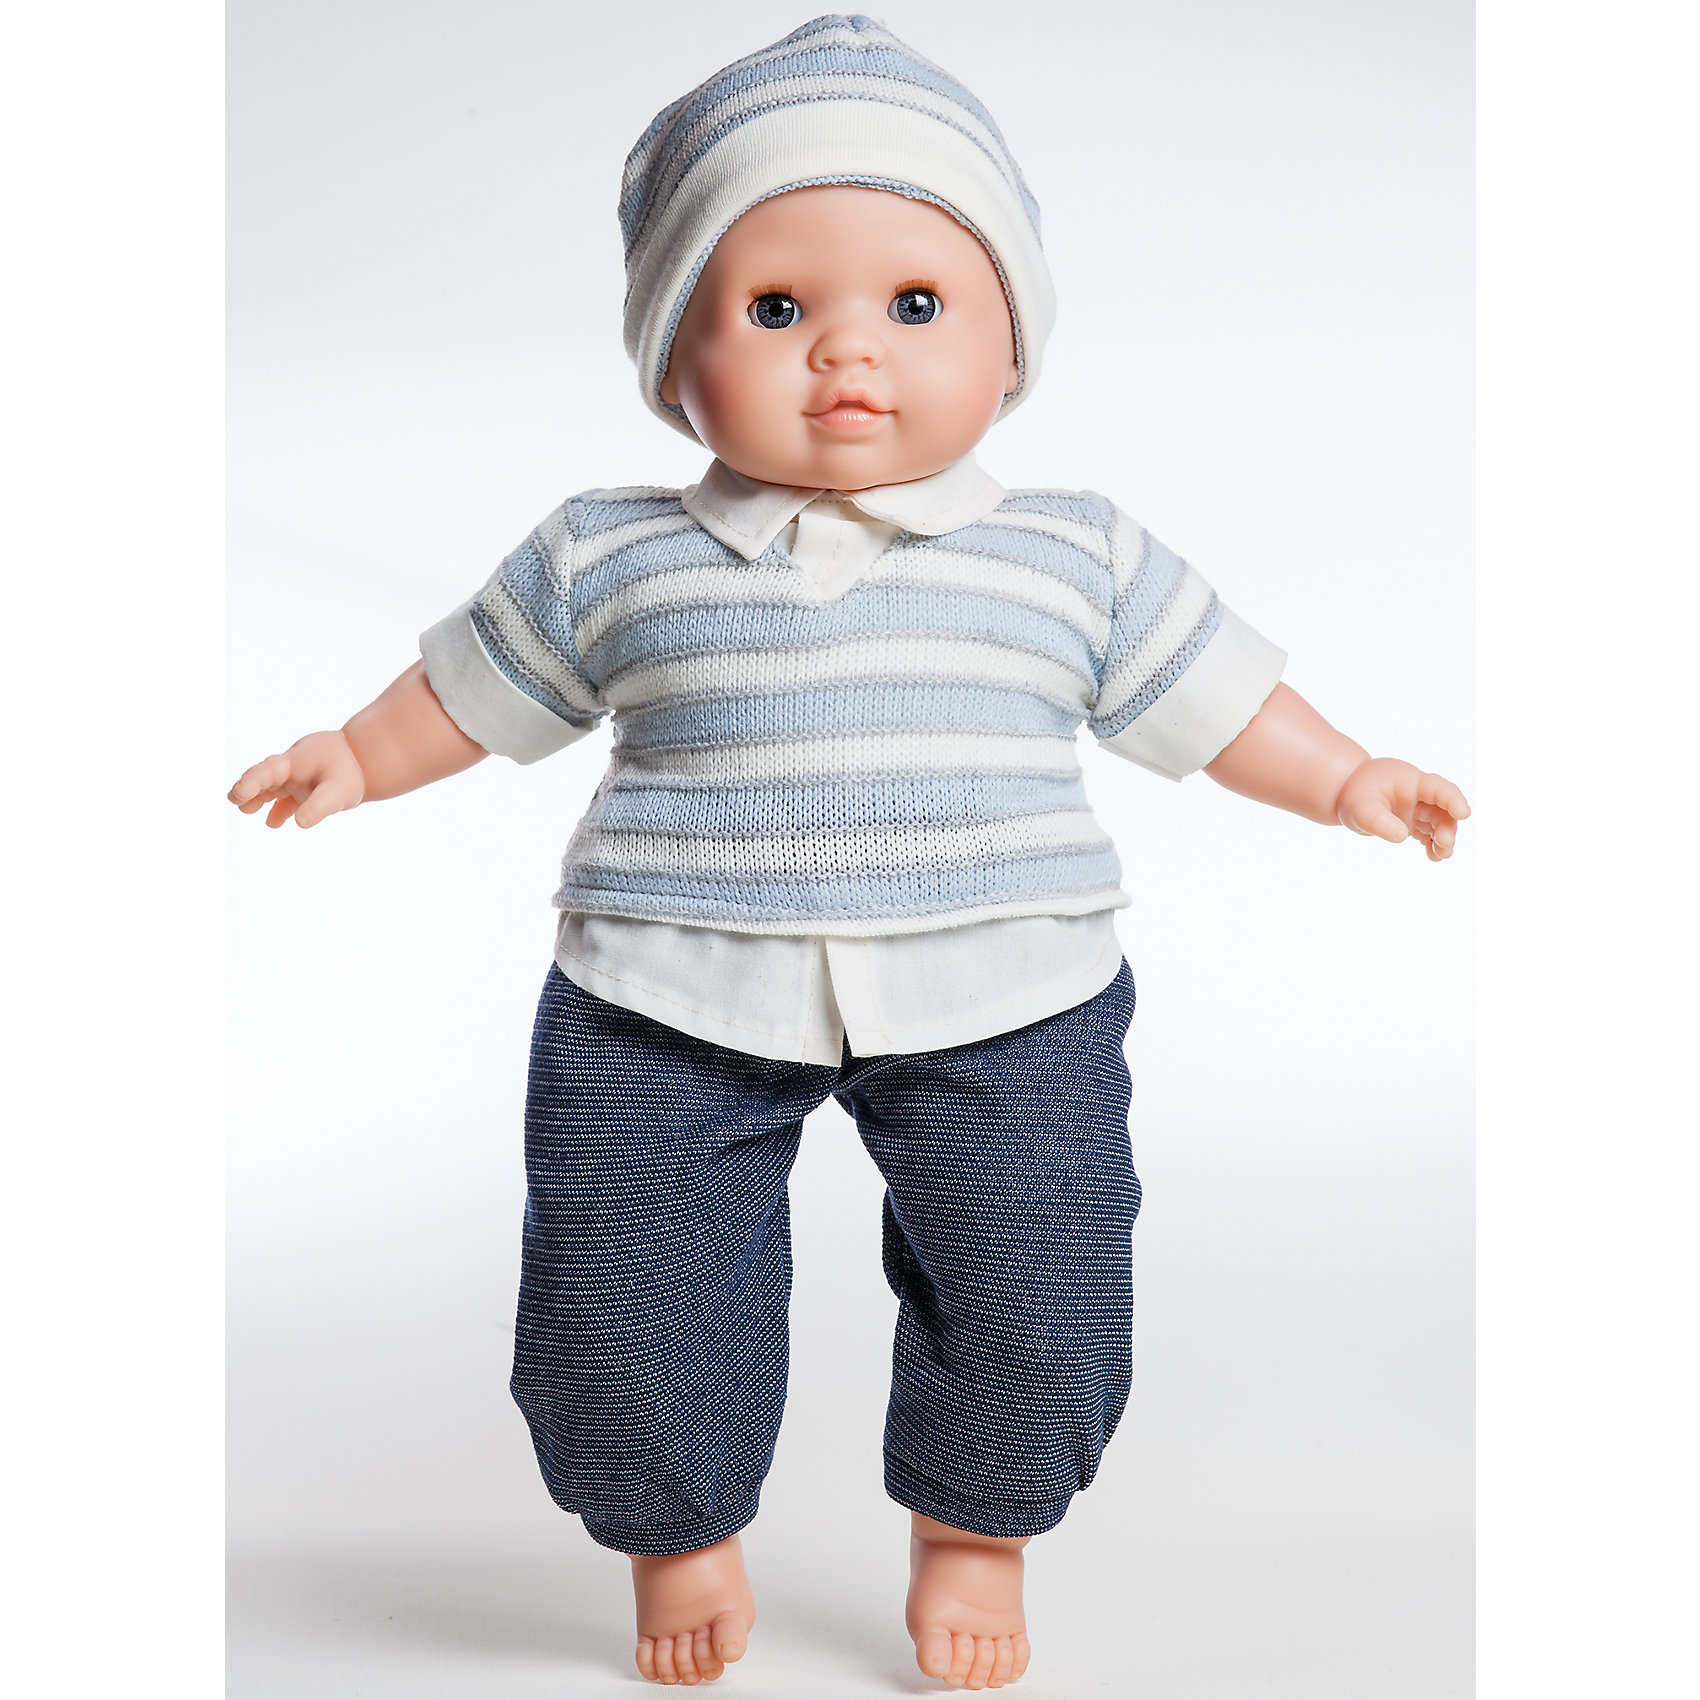 Paola Reina Кукла Ману, 36 см, Paola Reina paola reina кукла кэрол 32 см paola reina